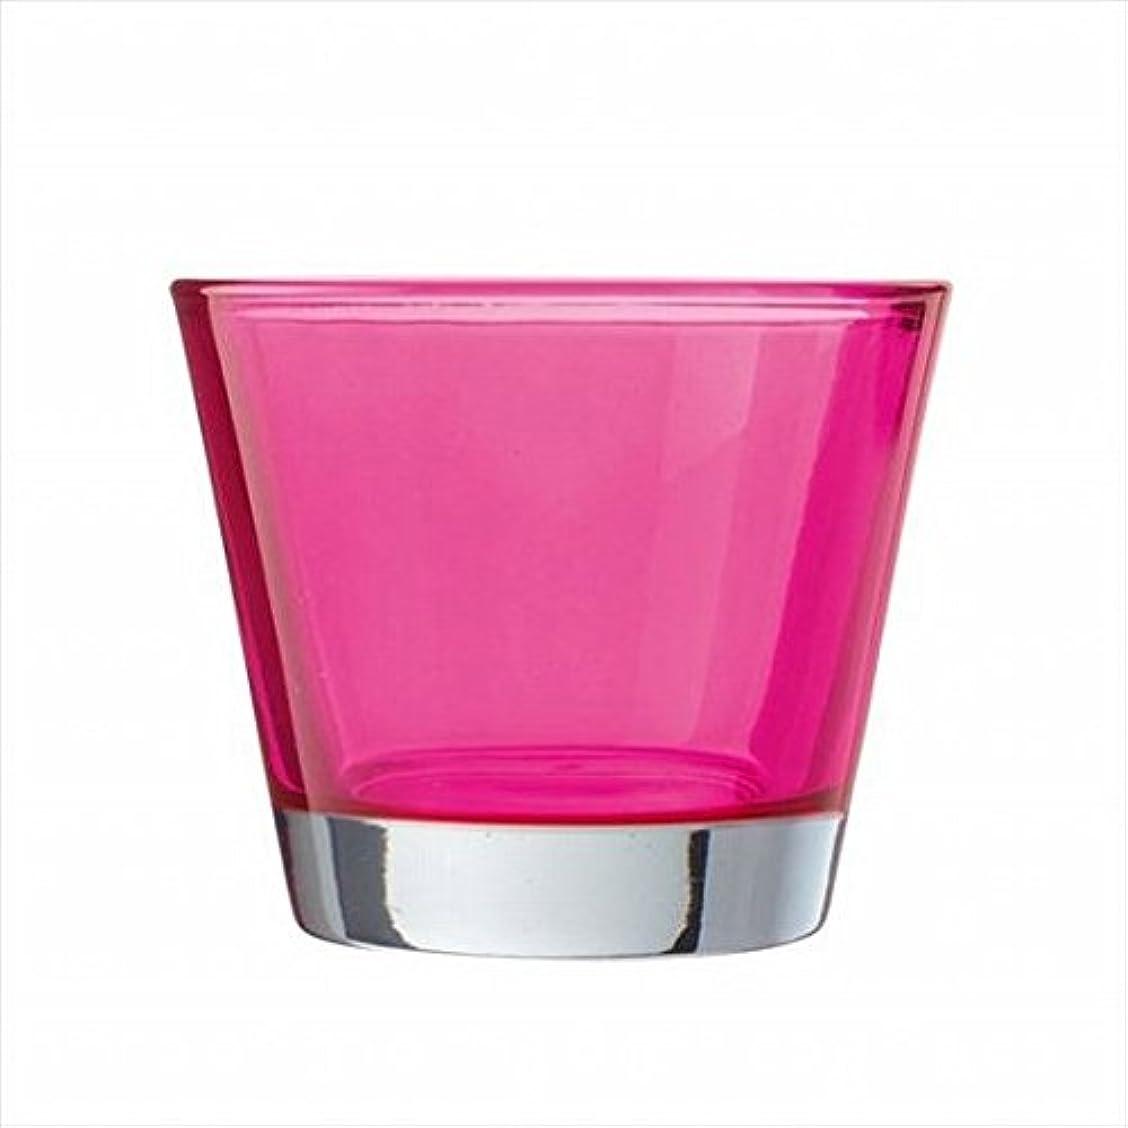 チューブ黒人構成するkameyama candle(カメヤマキャンドル) カラリス 「 ピンク 」 キャンドル 82x82x70mm (J2540000PK)